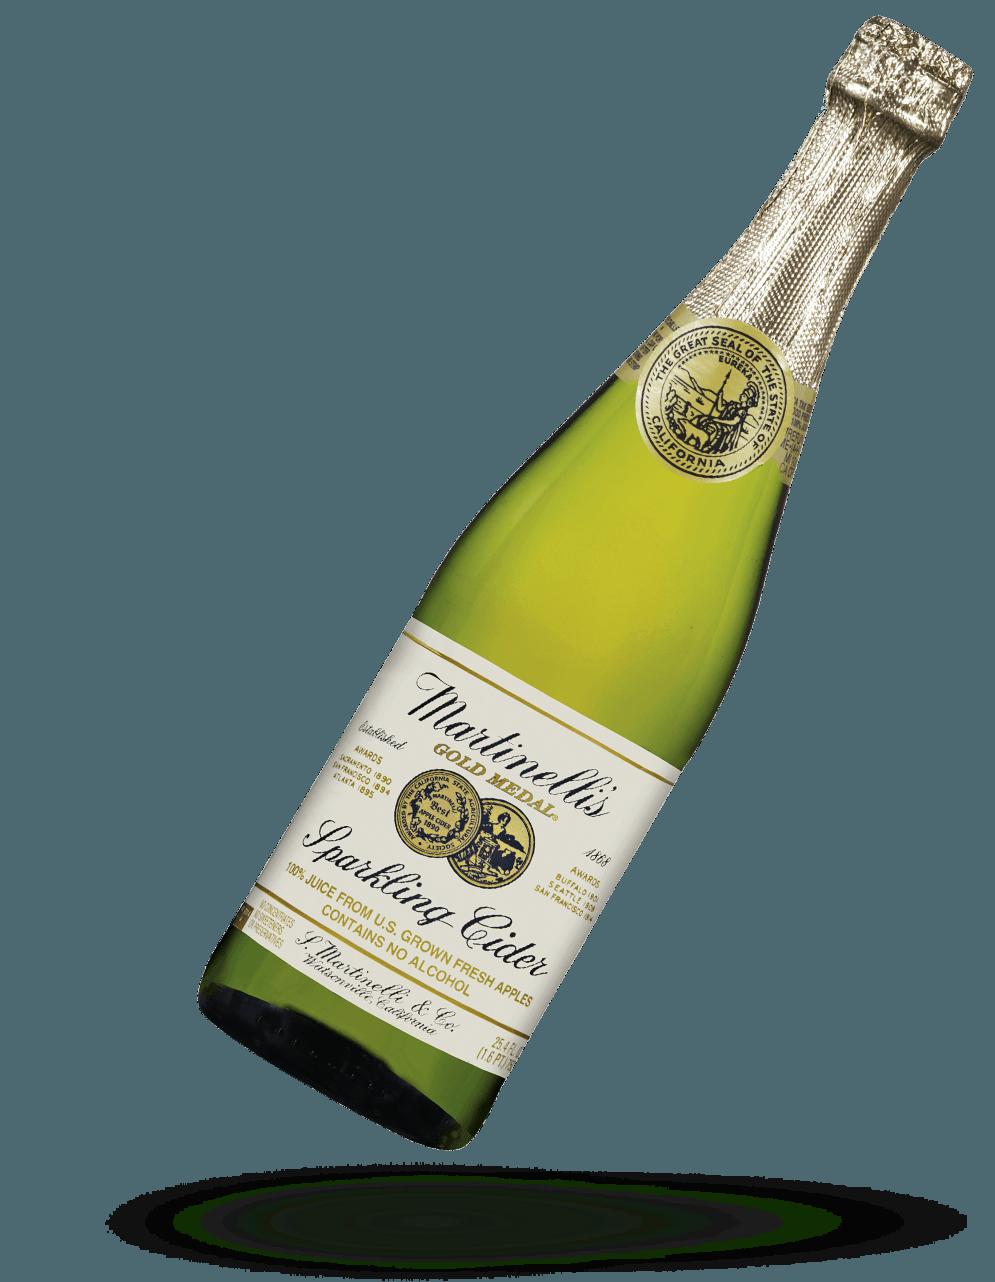 Heritage Label Sparkling Cider 25.4 fl. oz.